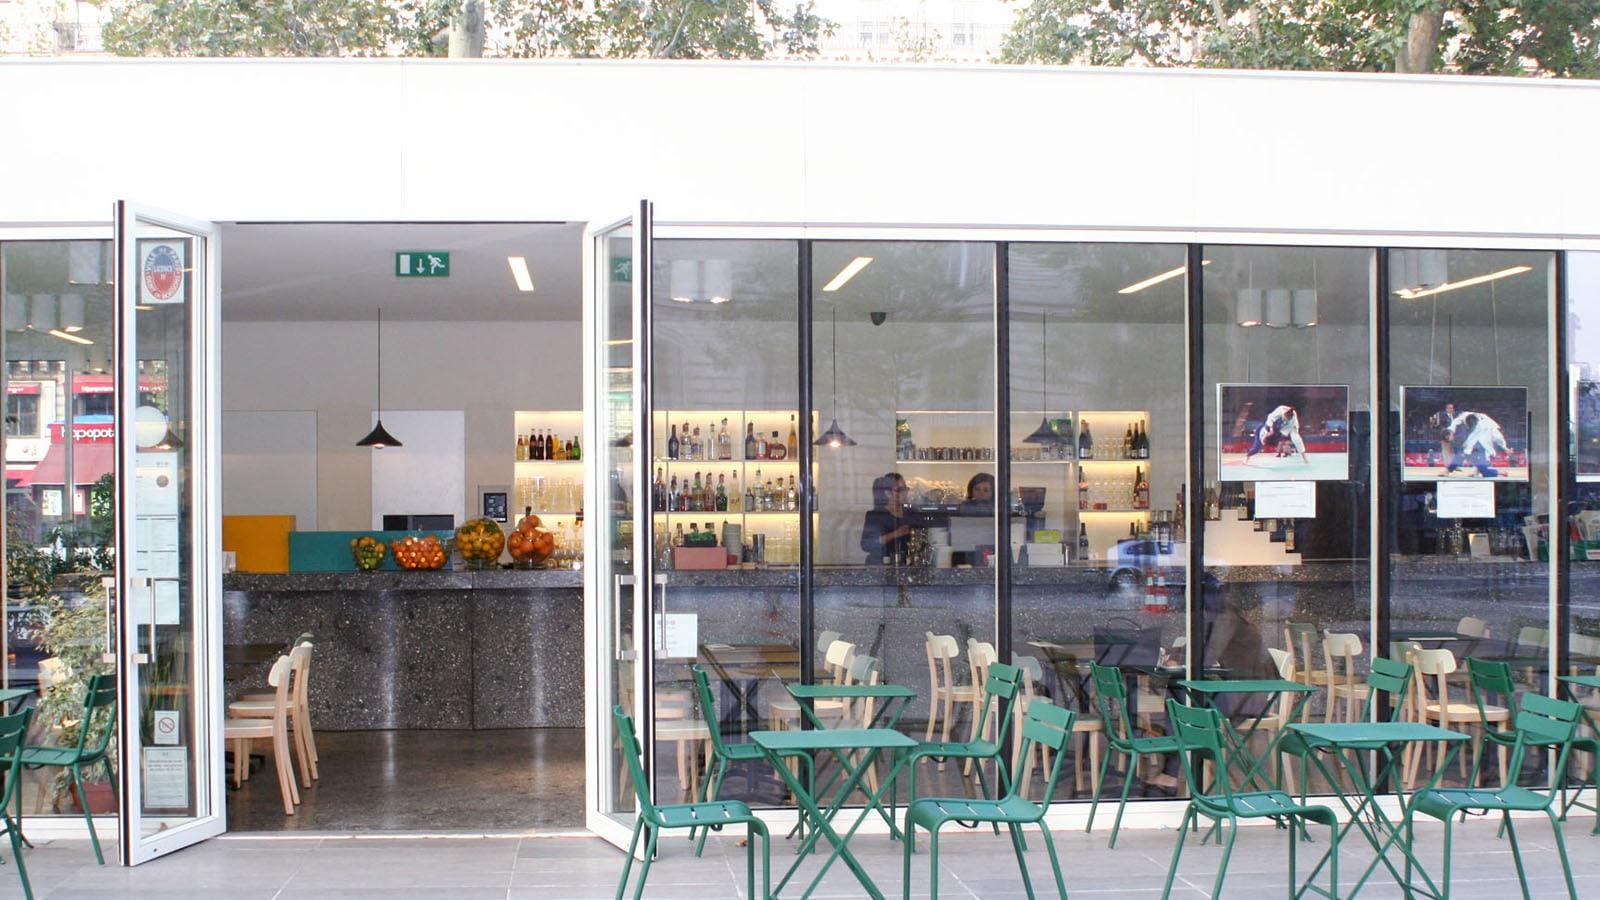 EFI Design Cafe De La Republique Paris Efi Design (4) 1240